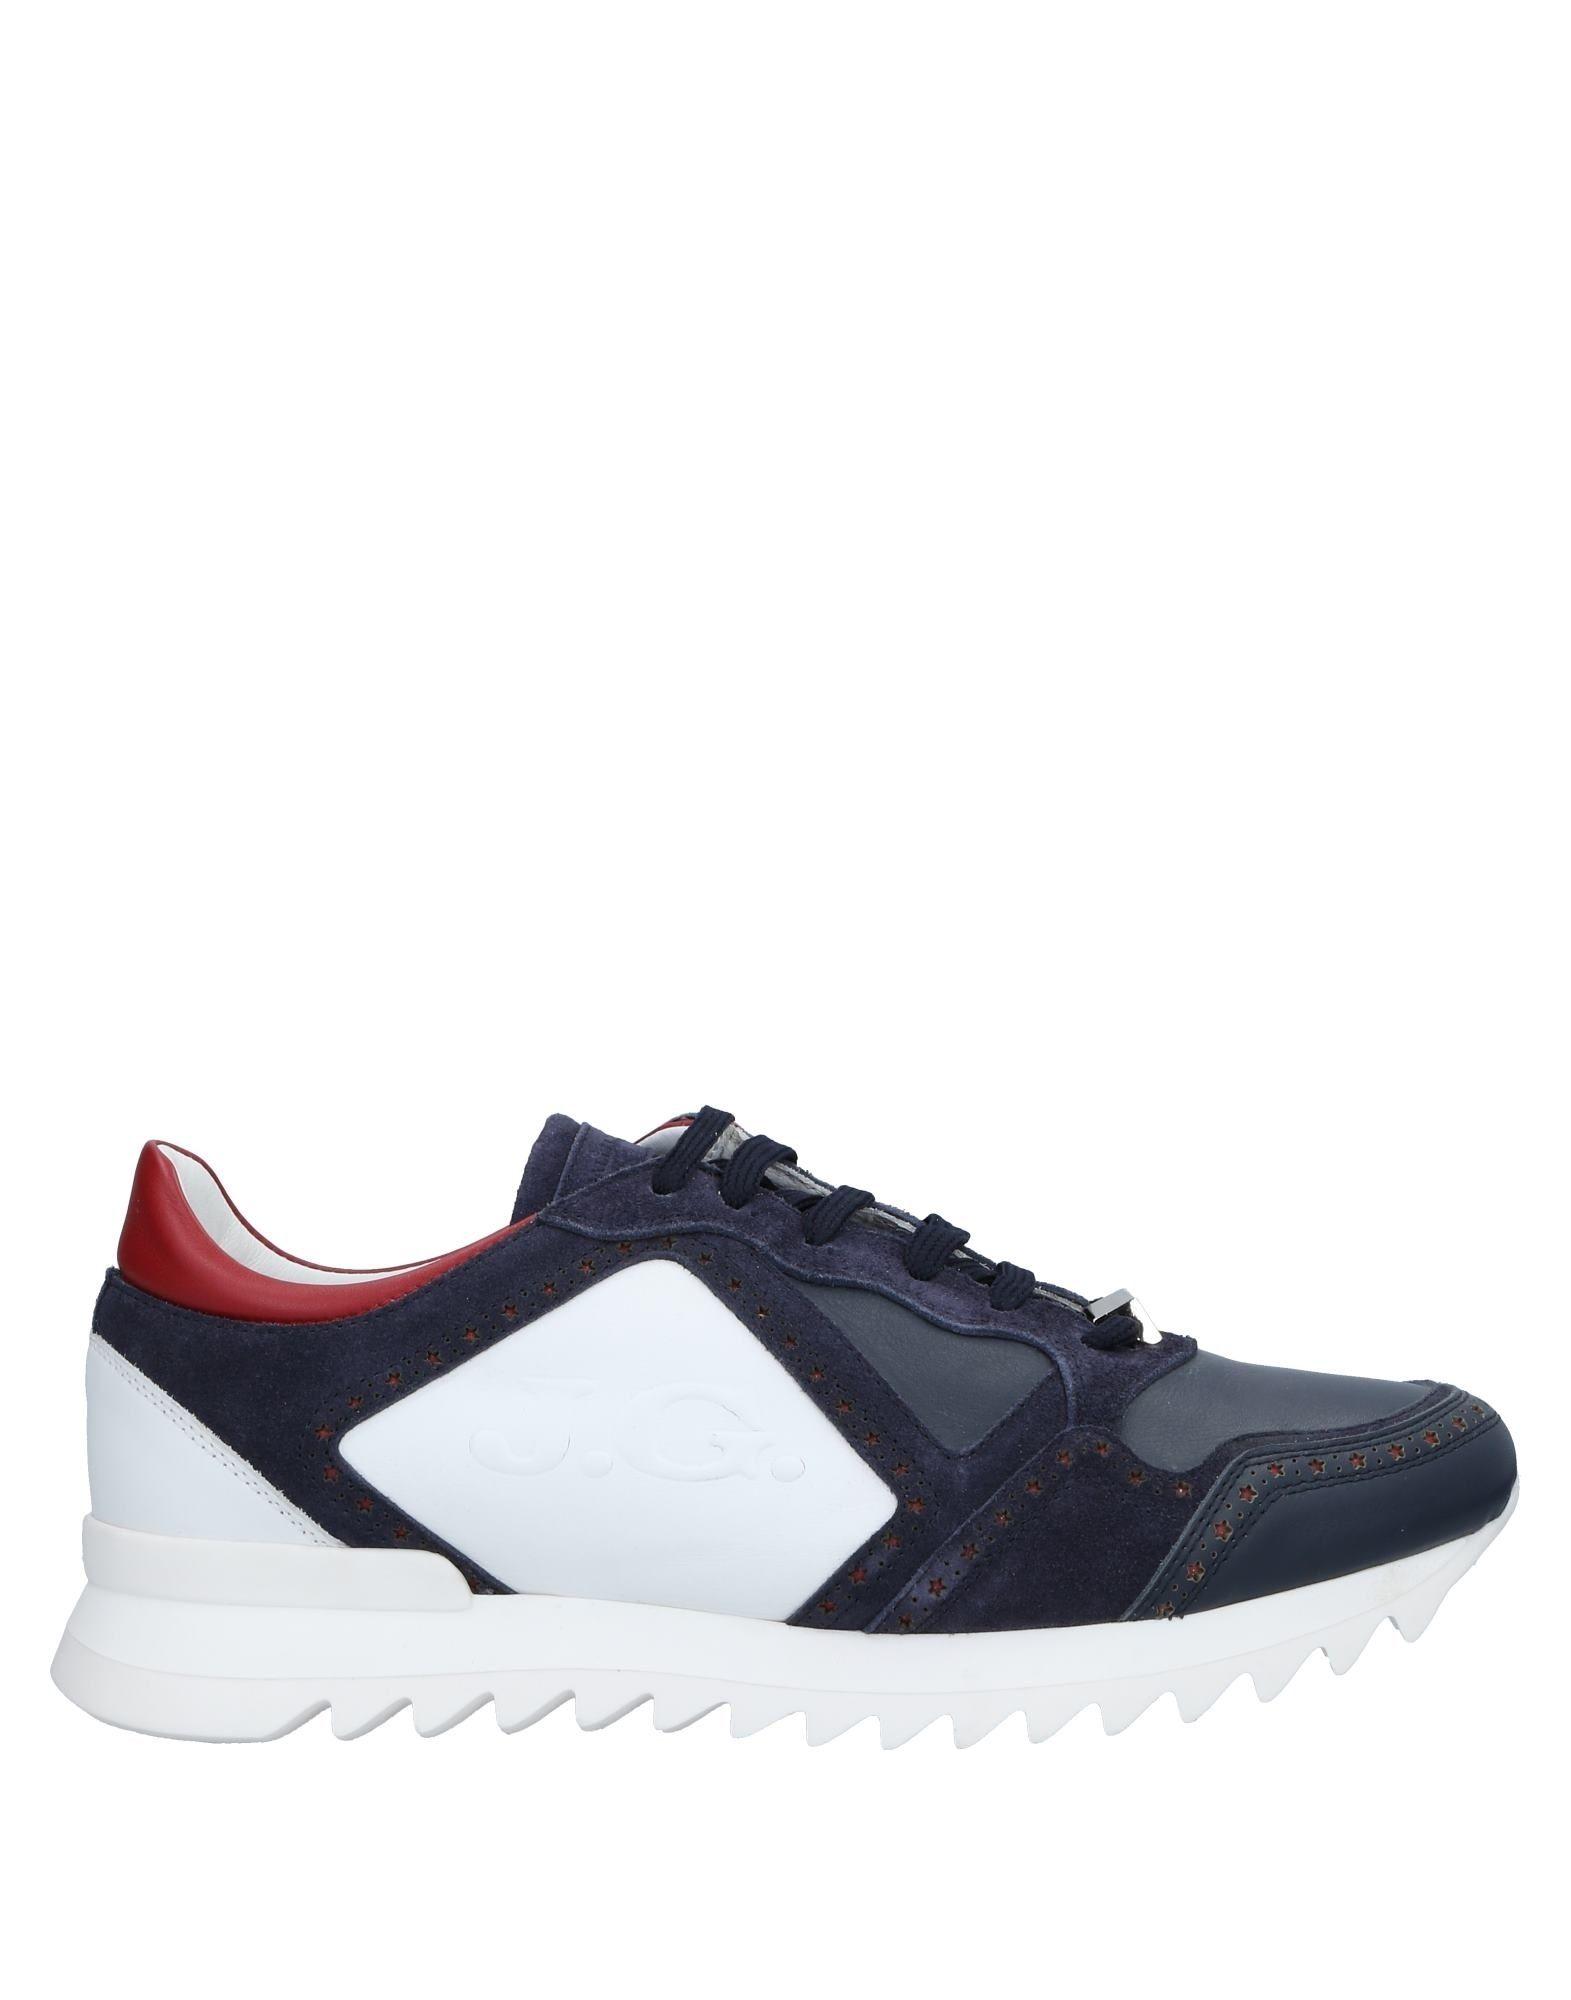 John Galliano Sneakers Herren 11534439WD  11534439WD Herren cb8d83